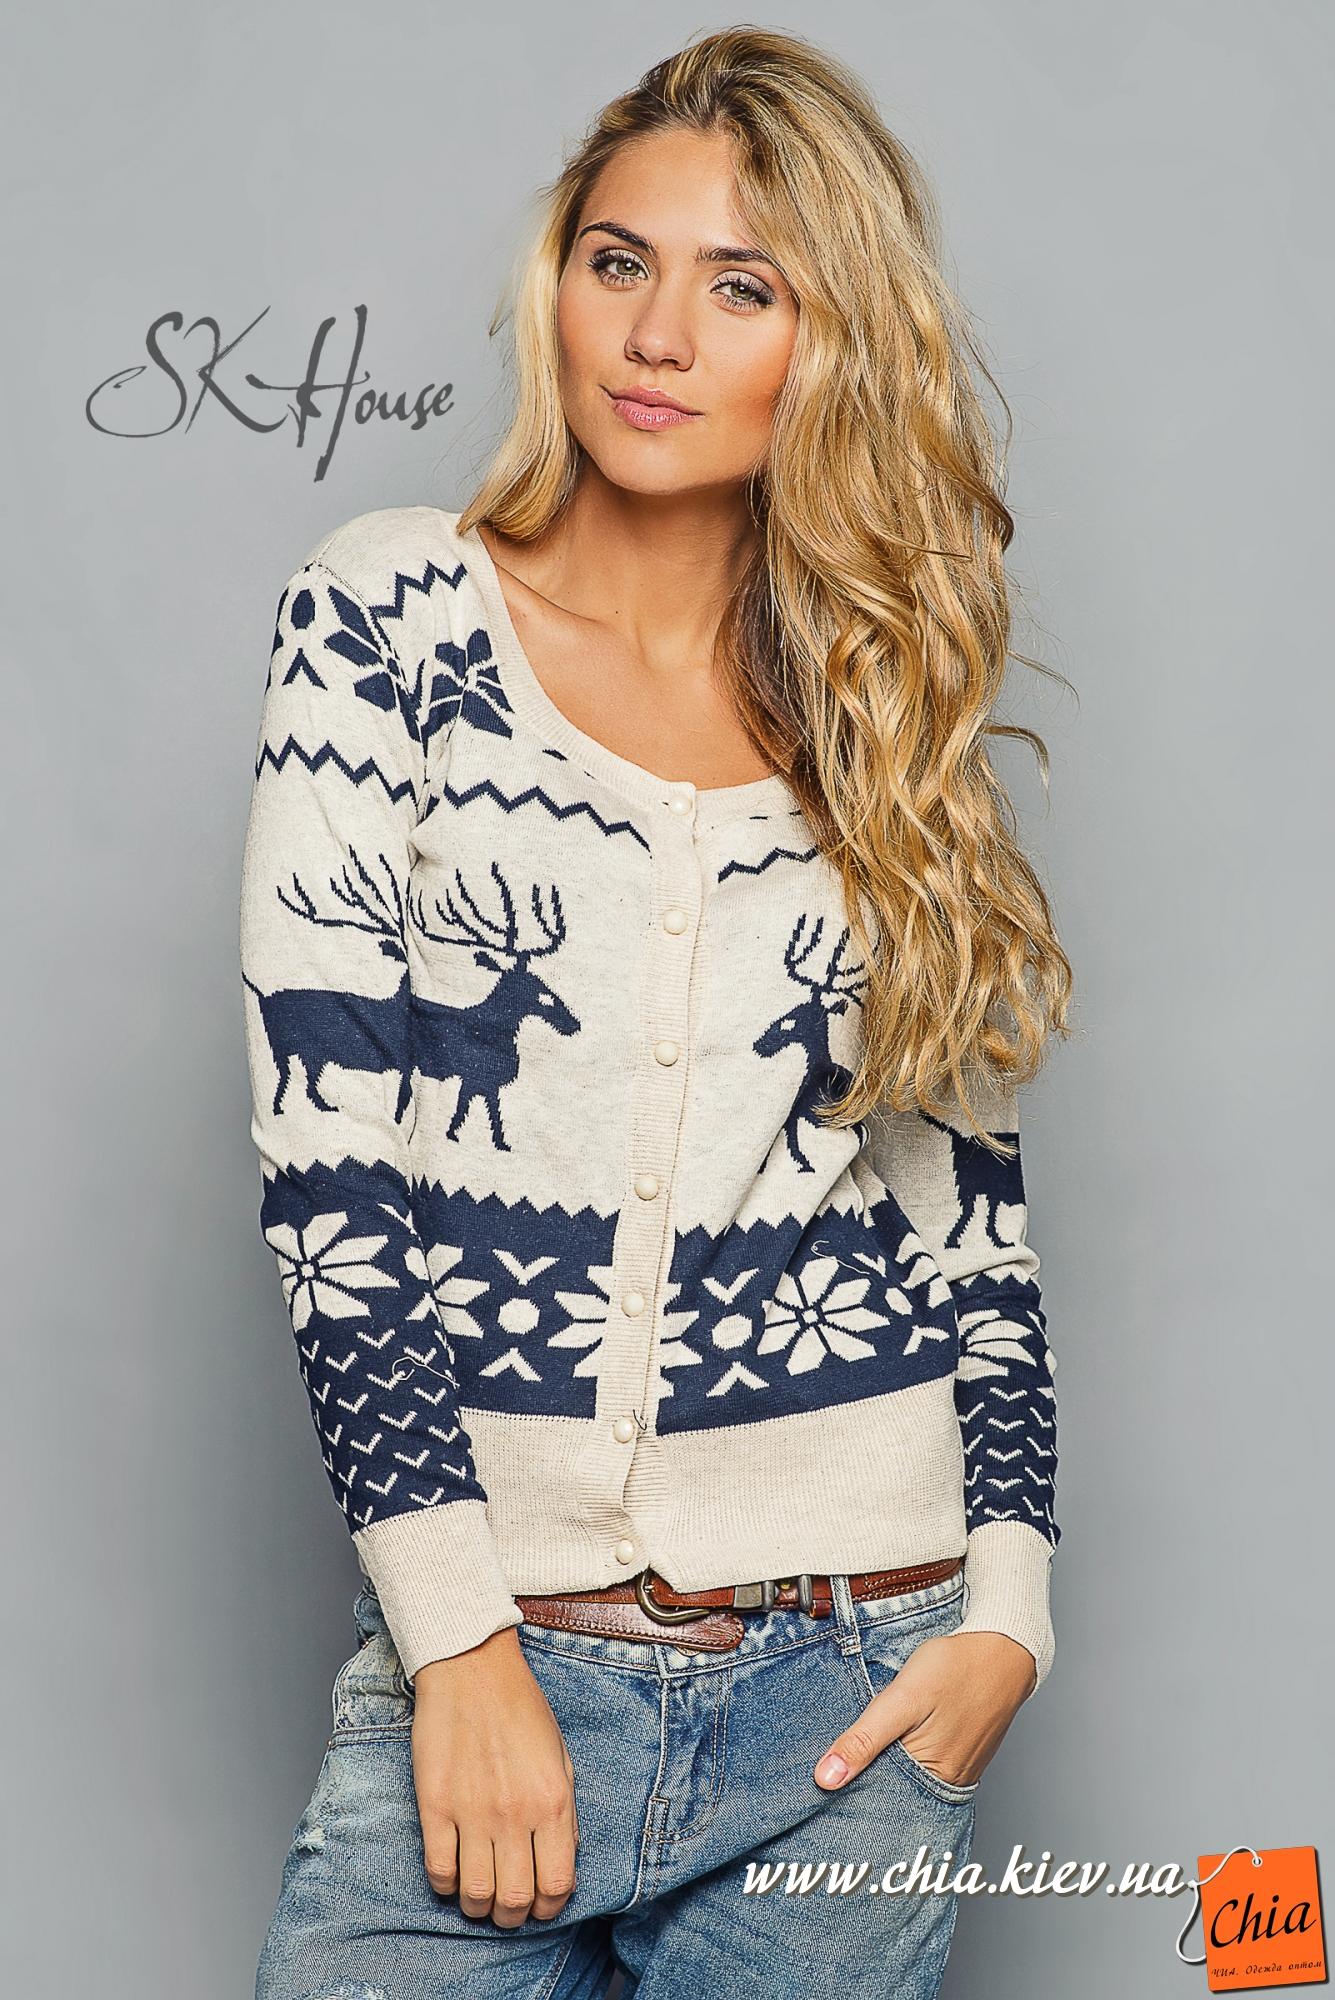 Теплый женский свитер с оленями 2015 - 2016 фото новинки